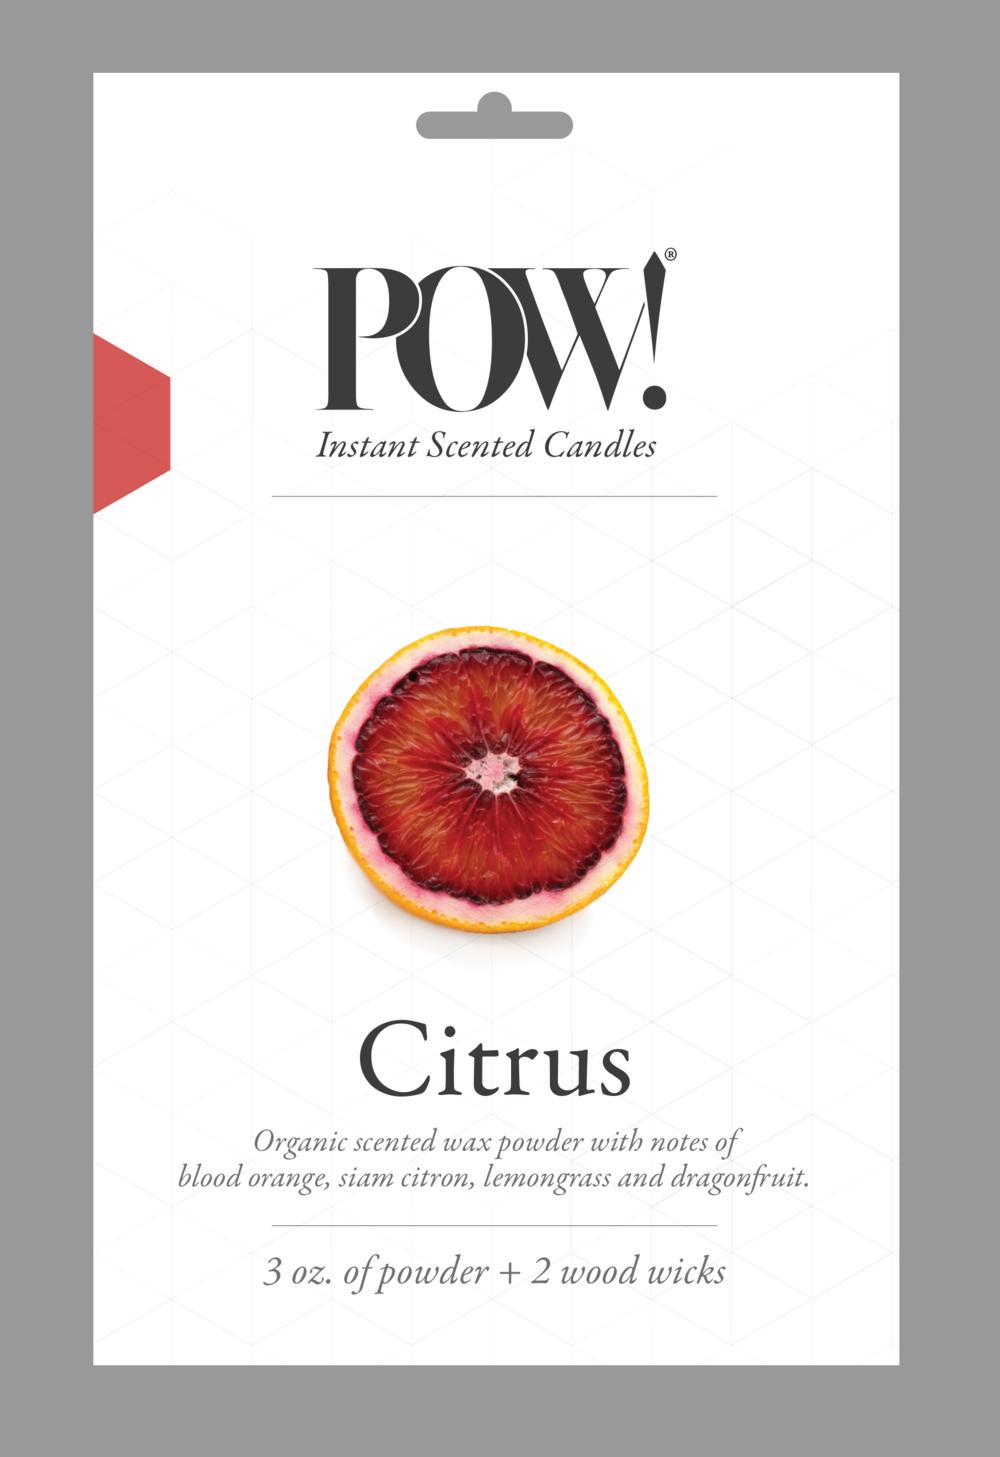 pow_pouch_citrus.png